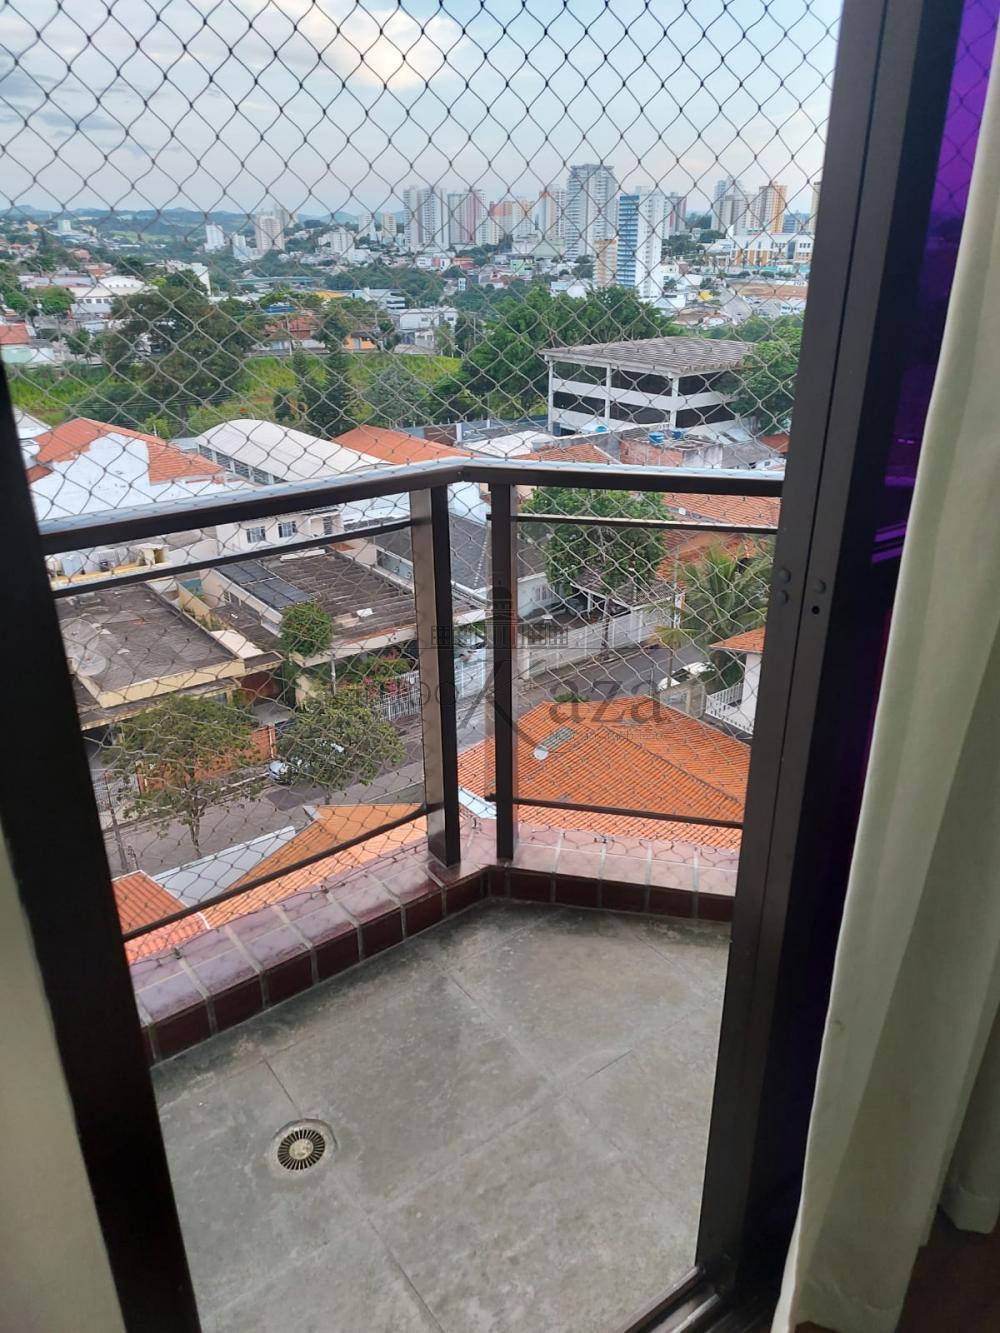 alt='Alugar Apartamento / Padrão em São José dos Campos R$ 2.750,00 - Foto 6' title='Alugar Apartamento / Padrão em São José dos Campos R$ 2.750,00 - Foto 6'